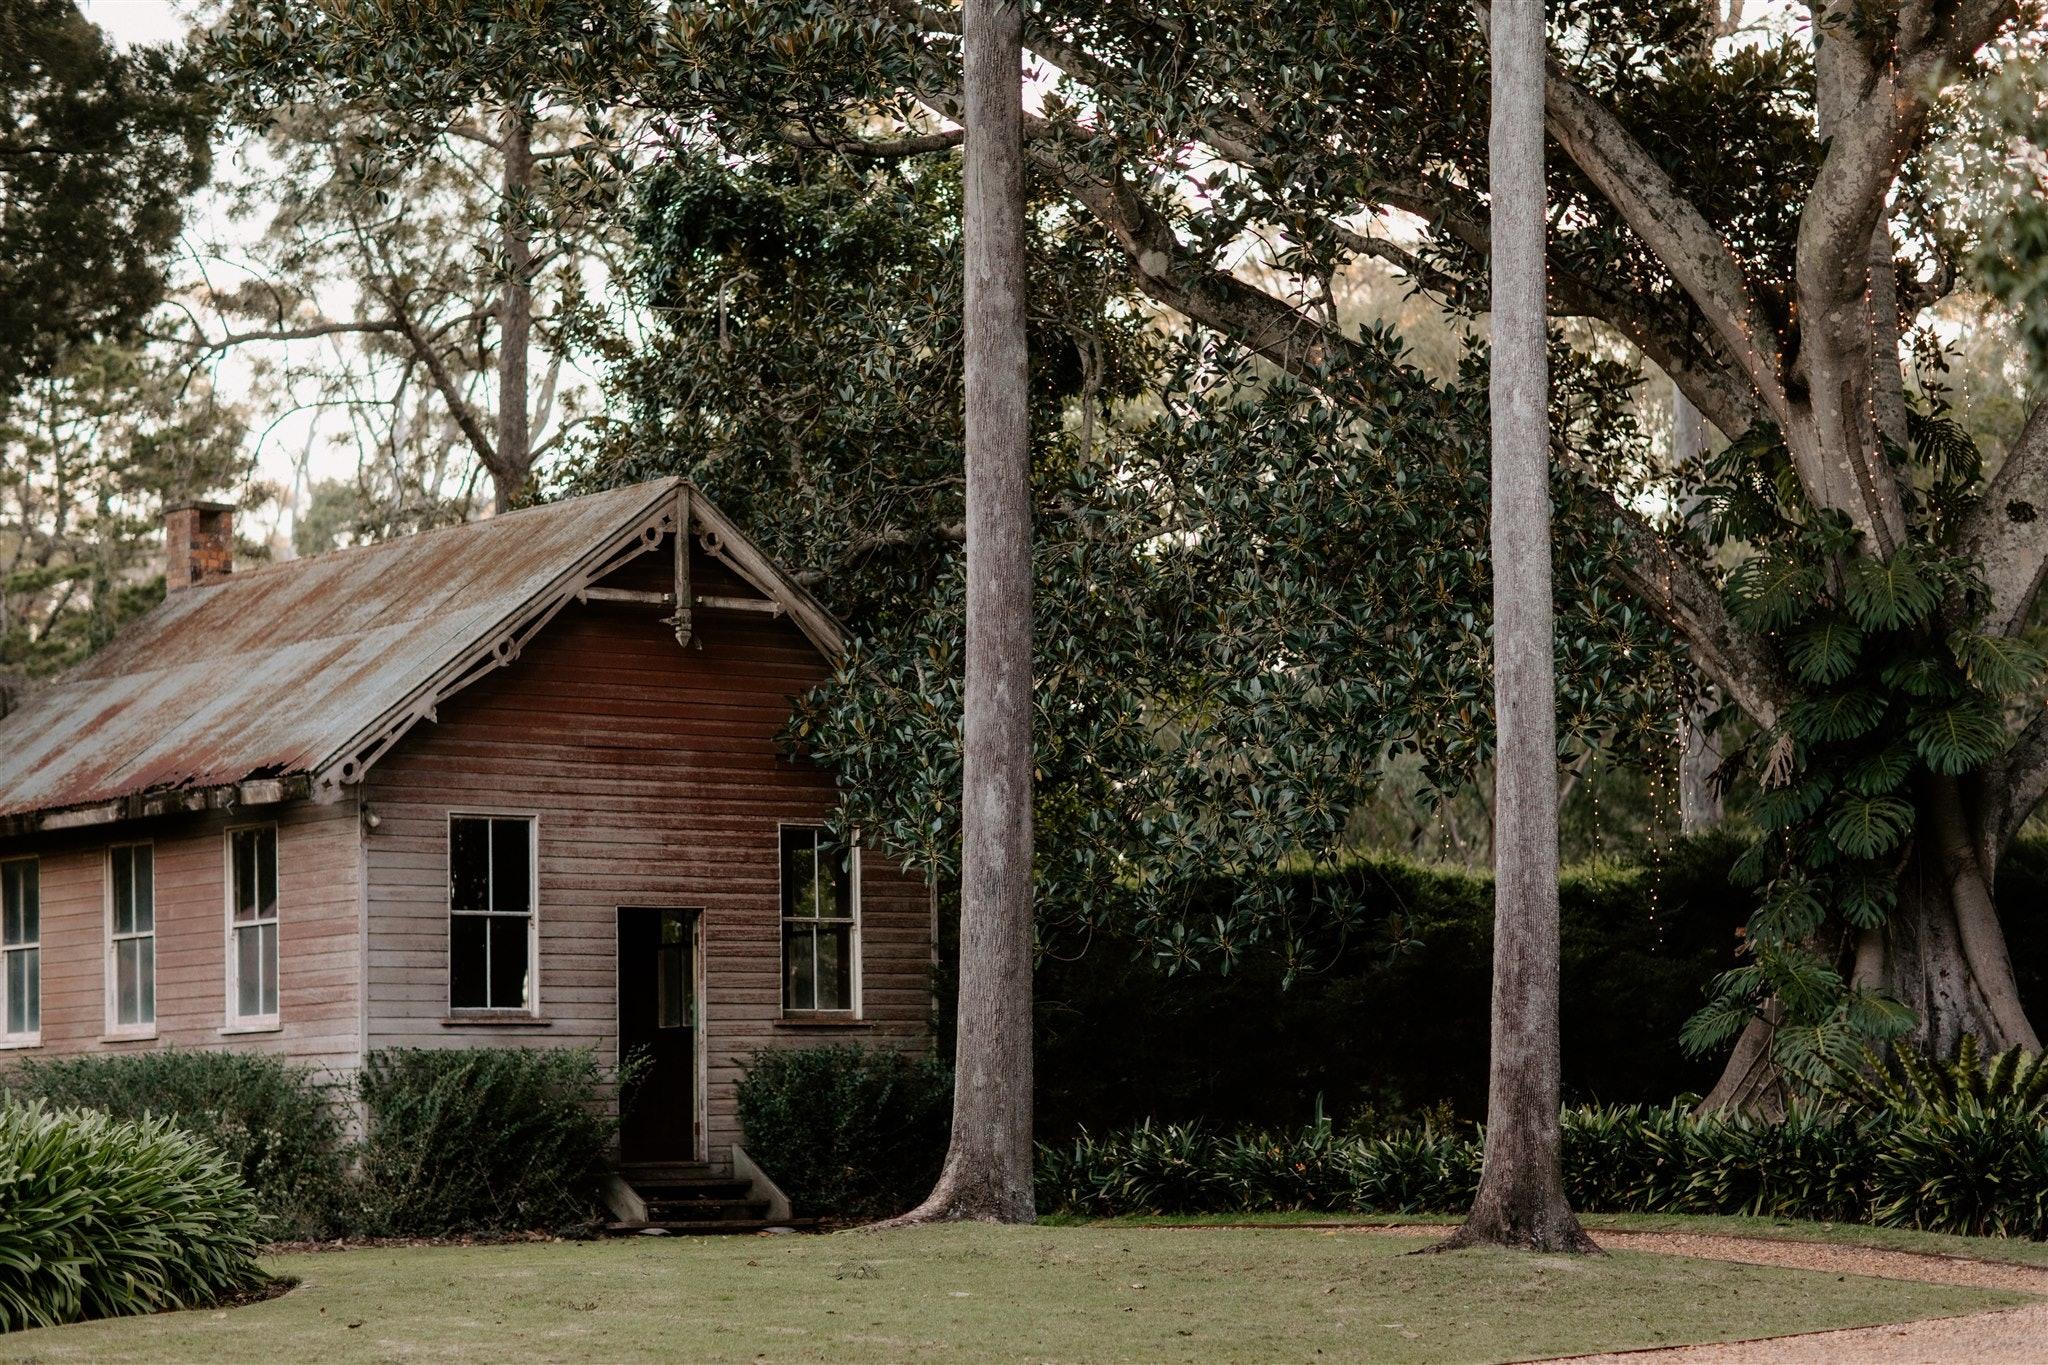 Old School House under Moreton Bay Fig